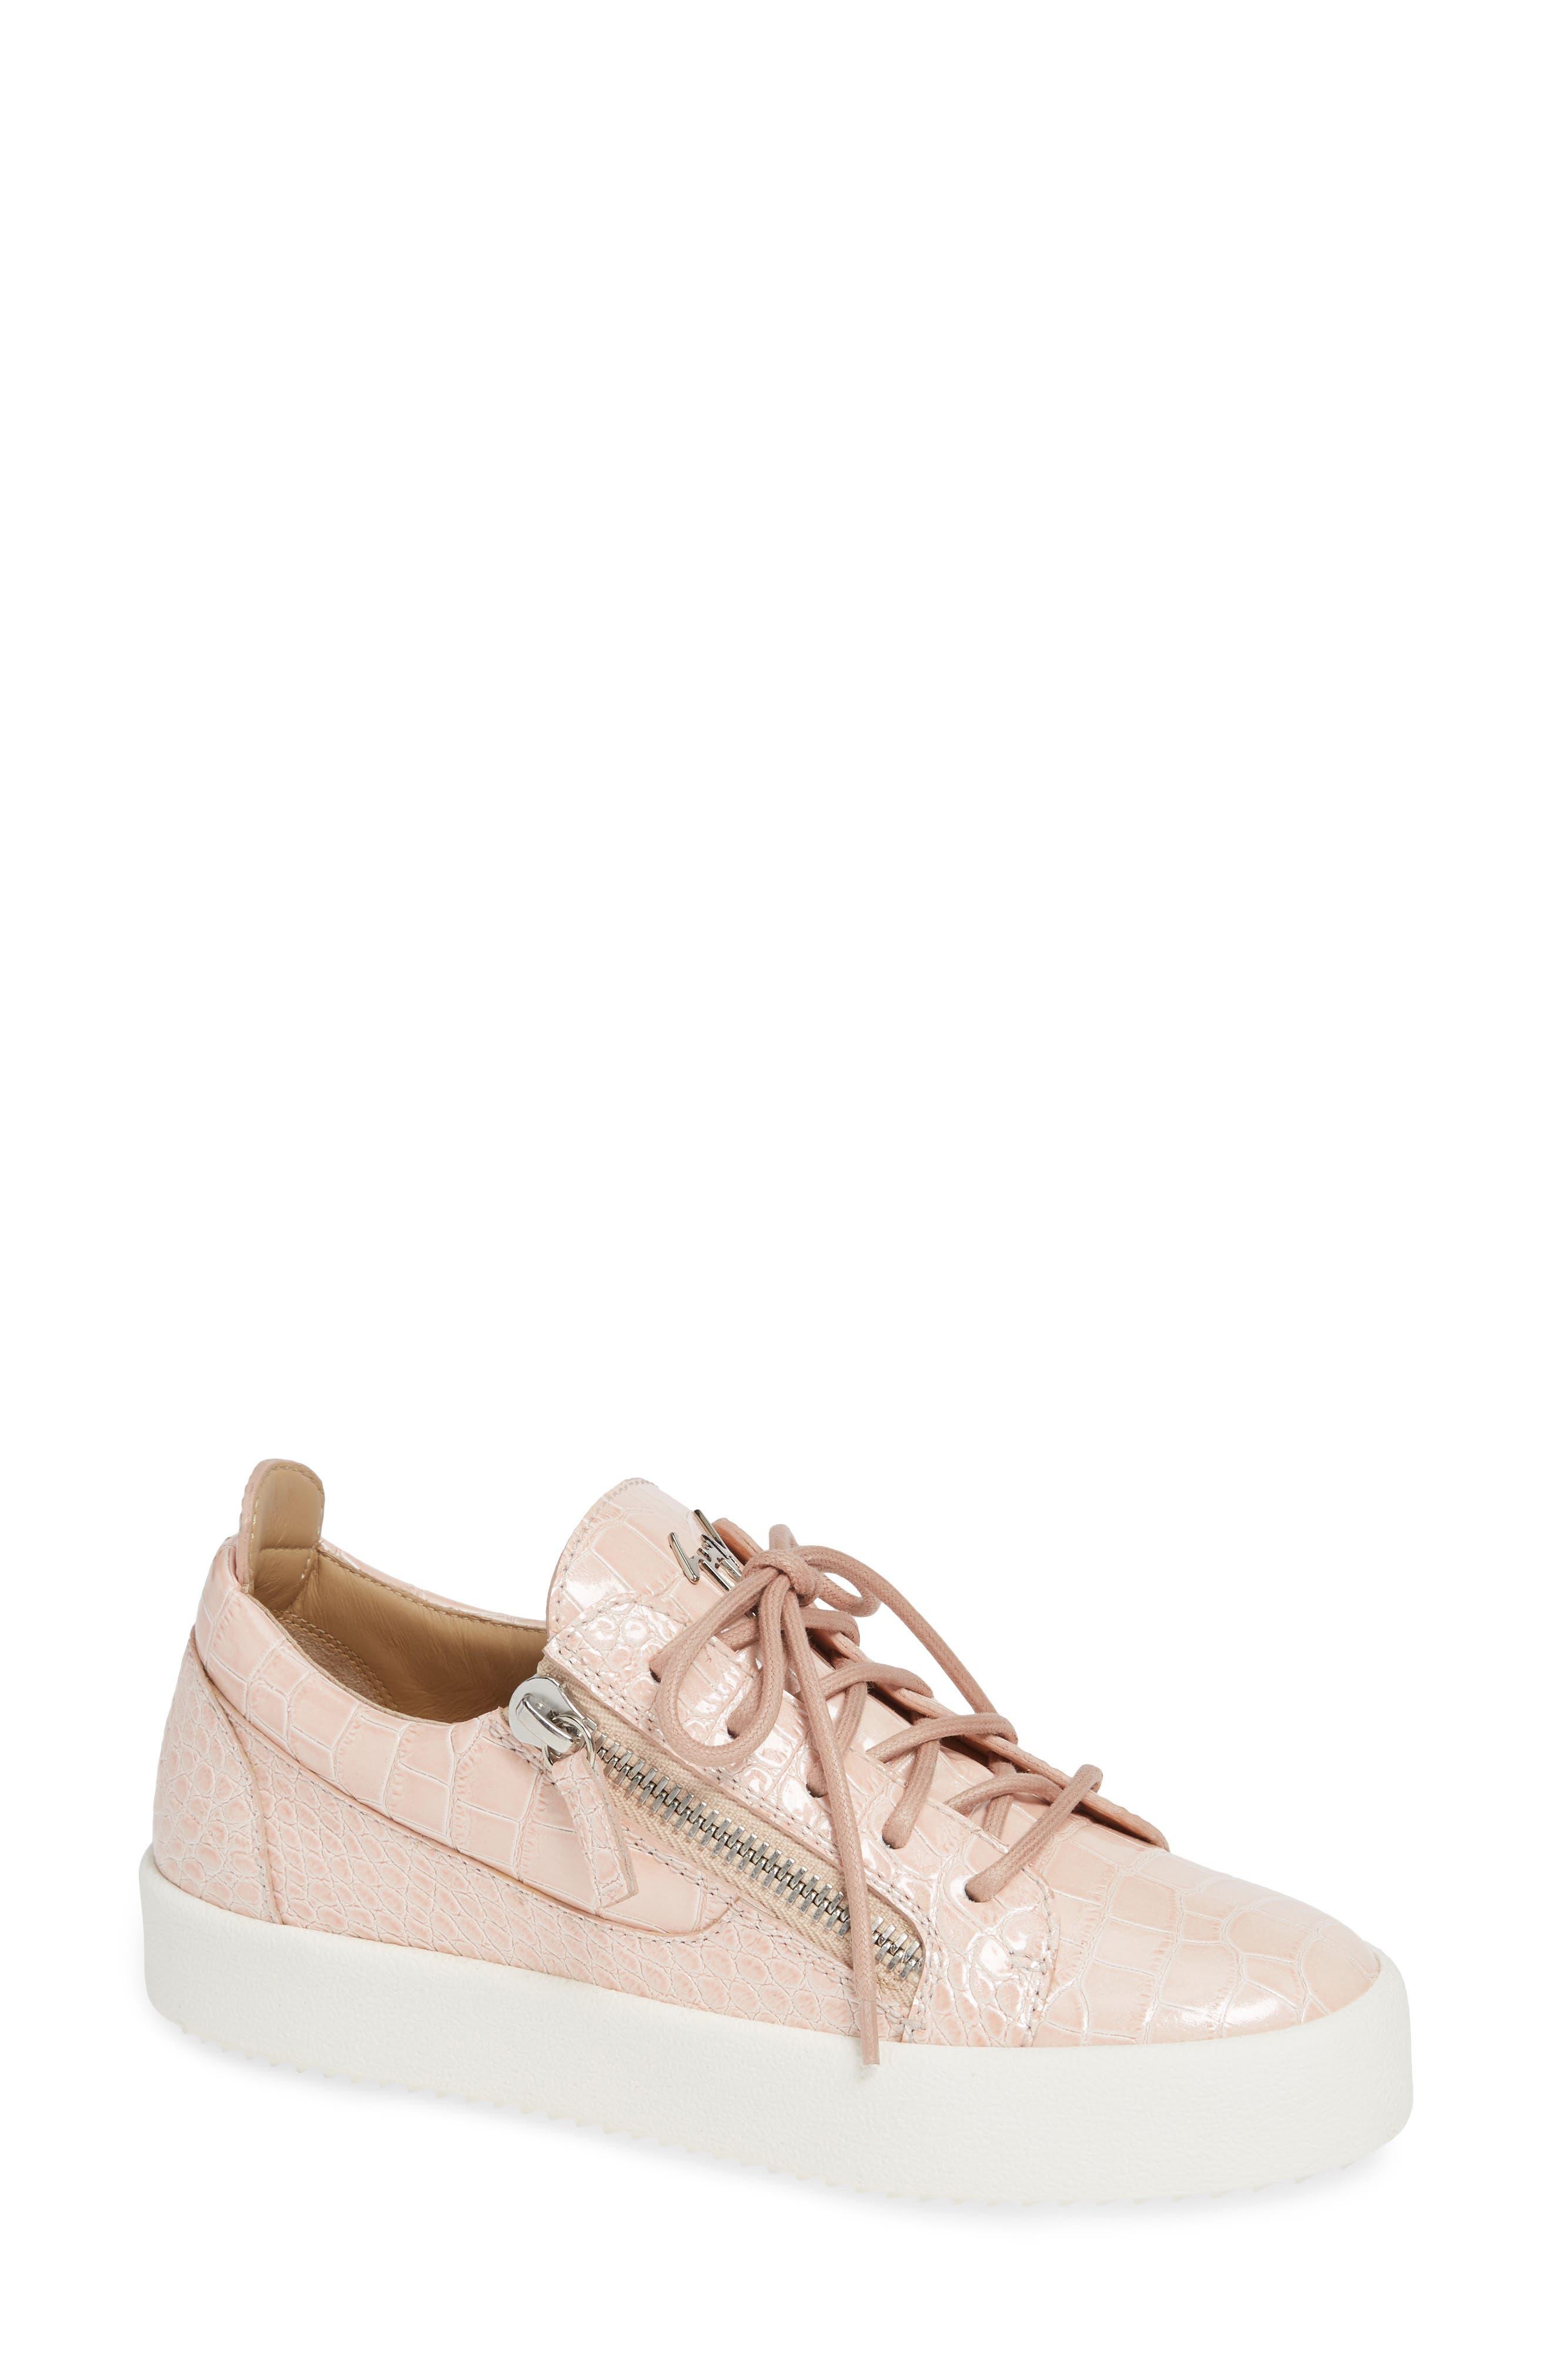 Low Top Sneaker,                         Main,                         color, NUDE PINK